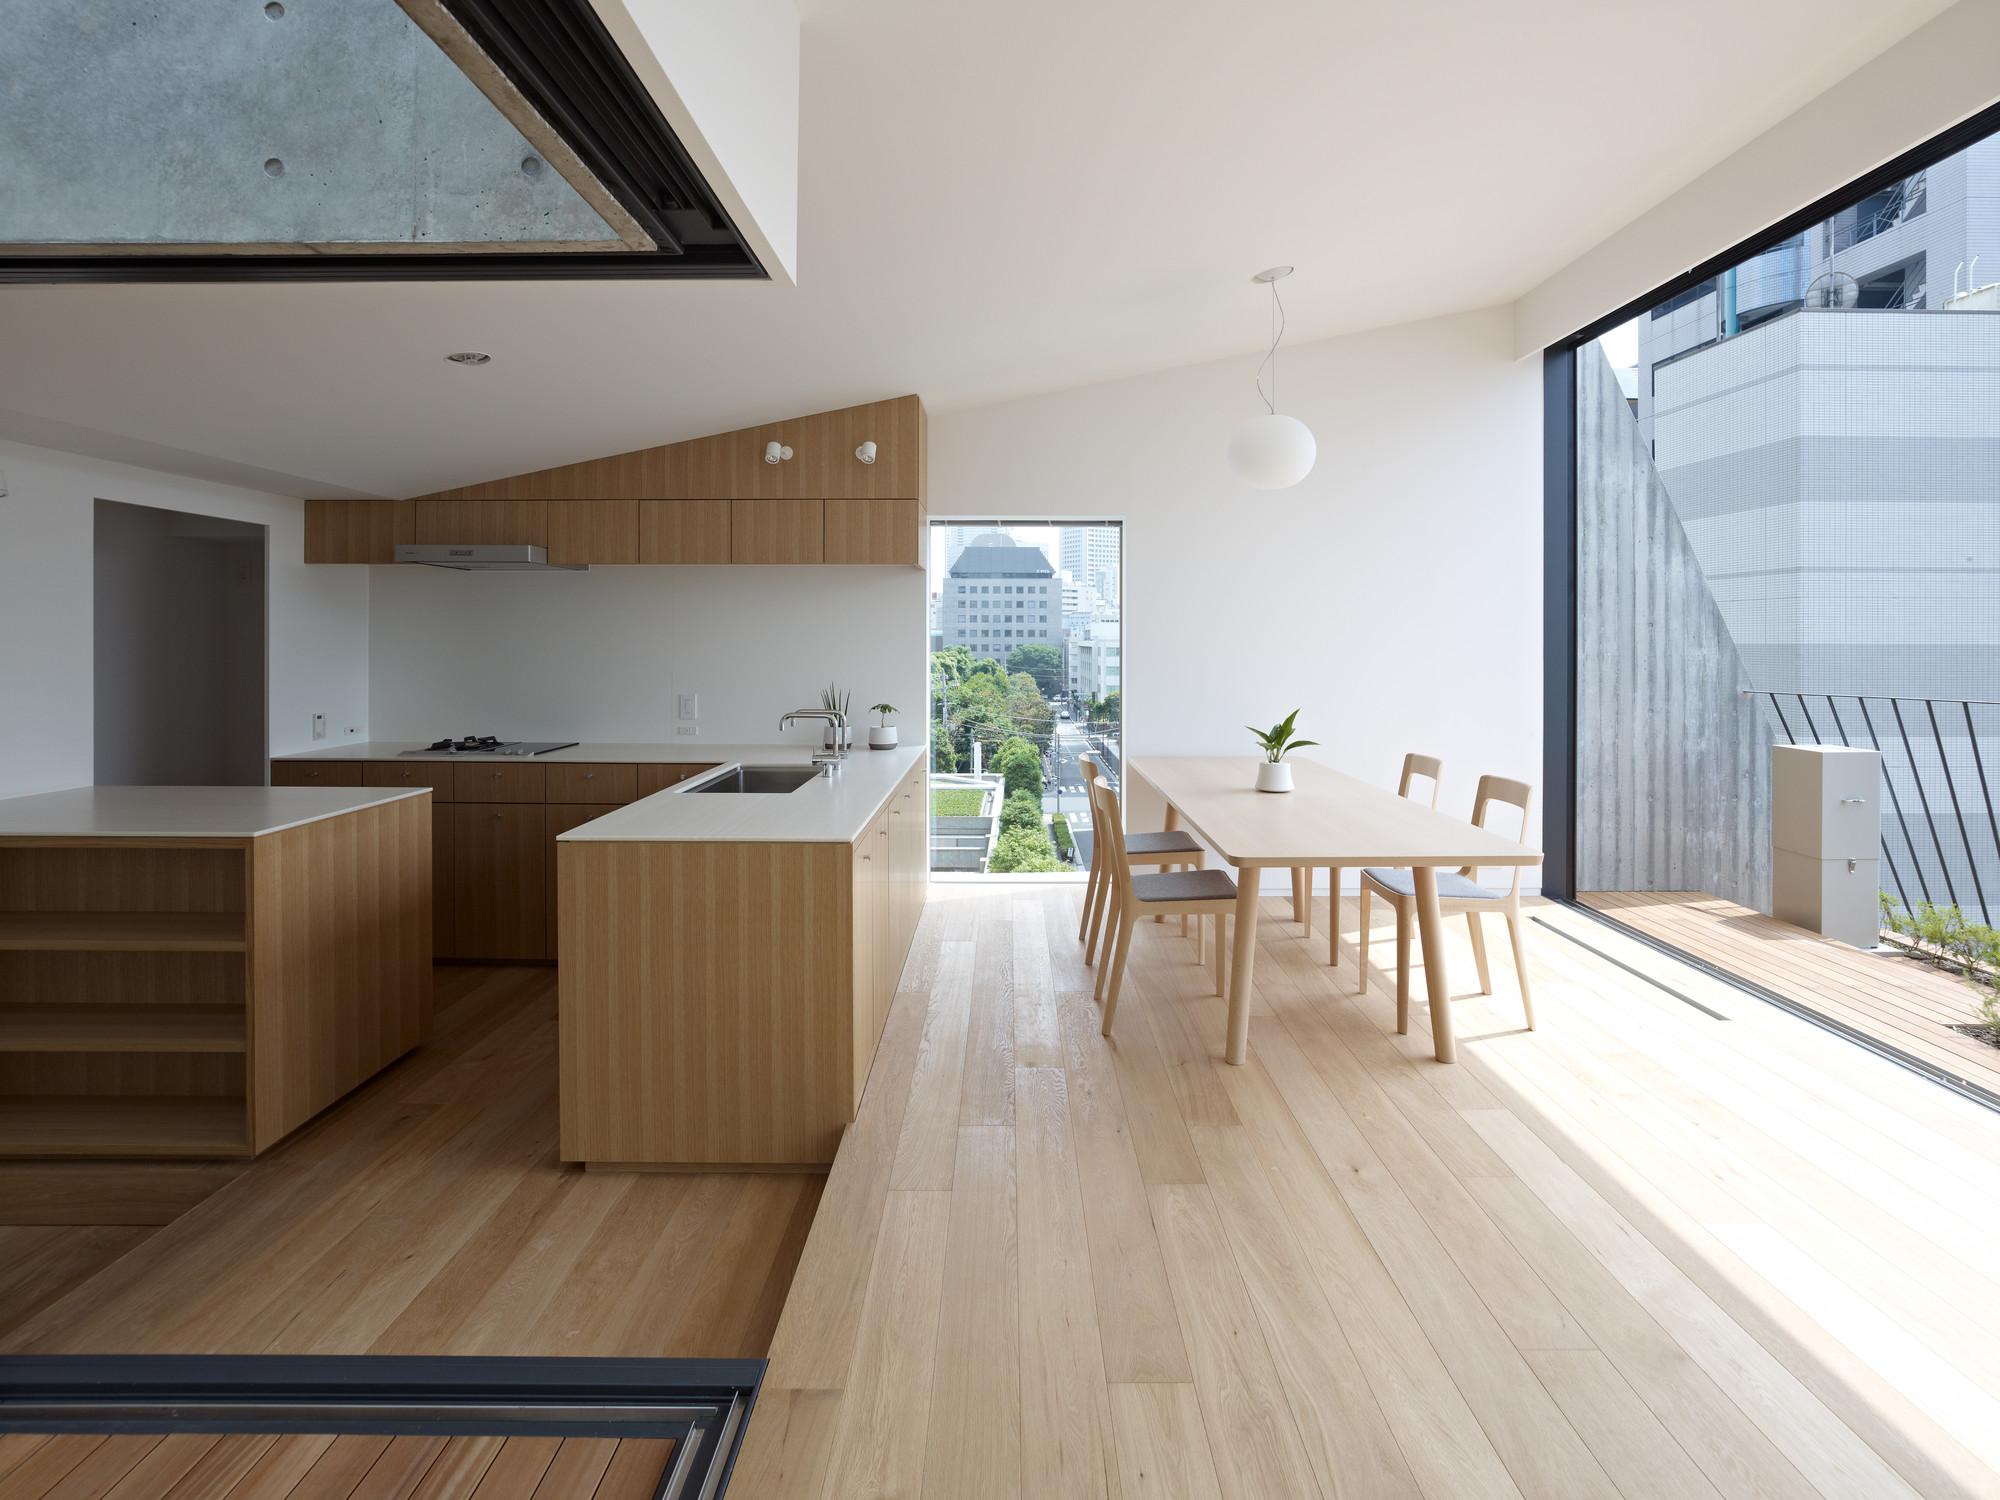 Grass Building / Ryo Matsui Architects, © Daici Ano